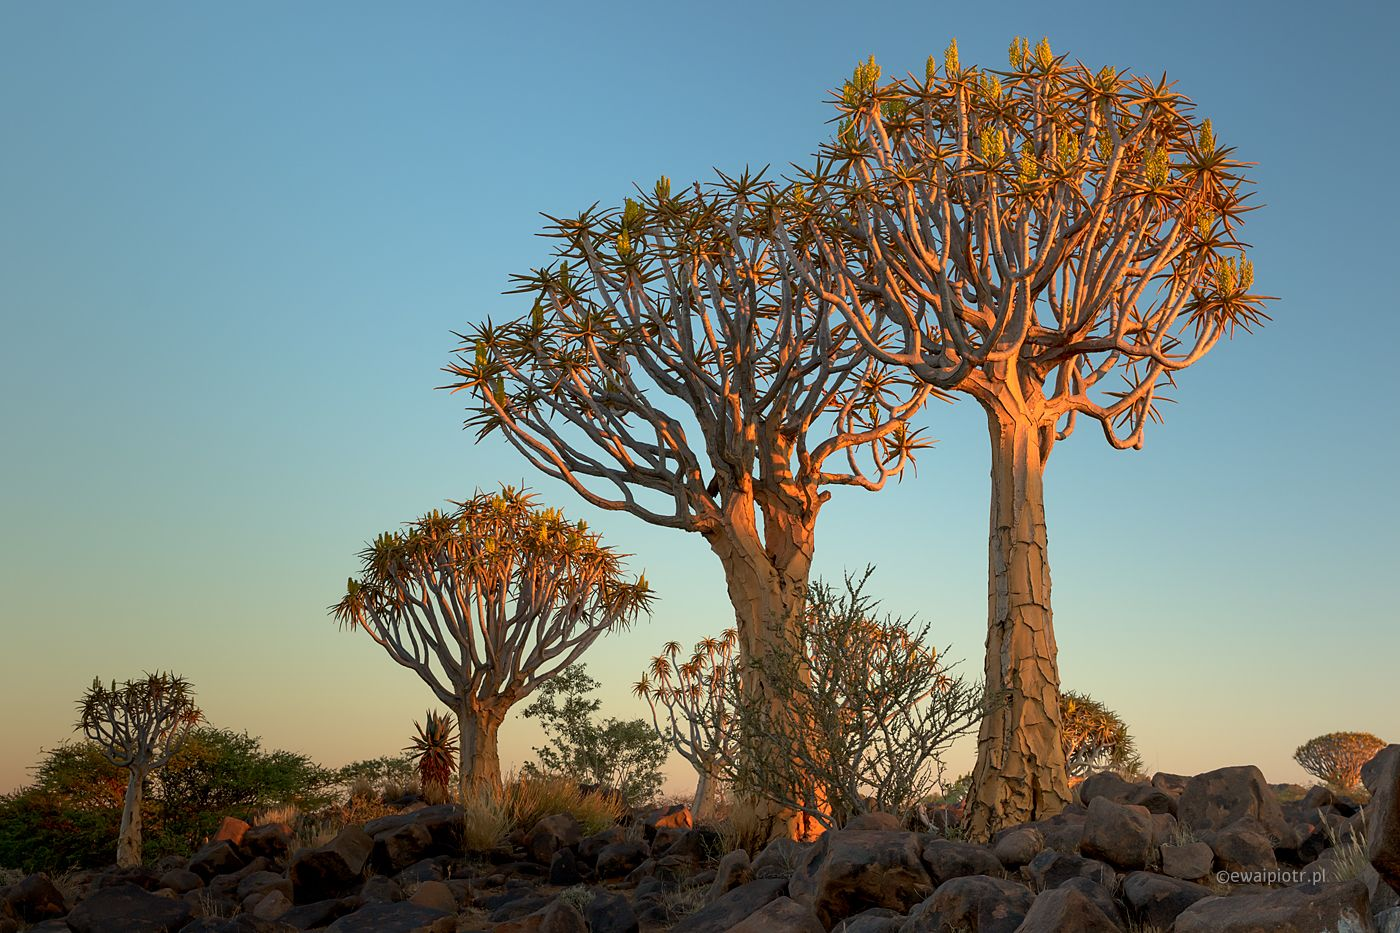 Drzewa kołczanowe, Namibia